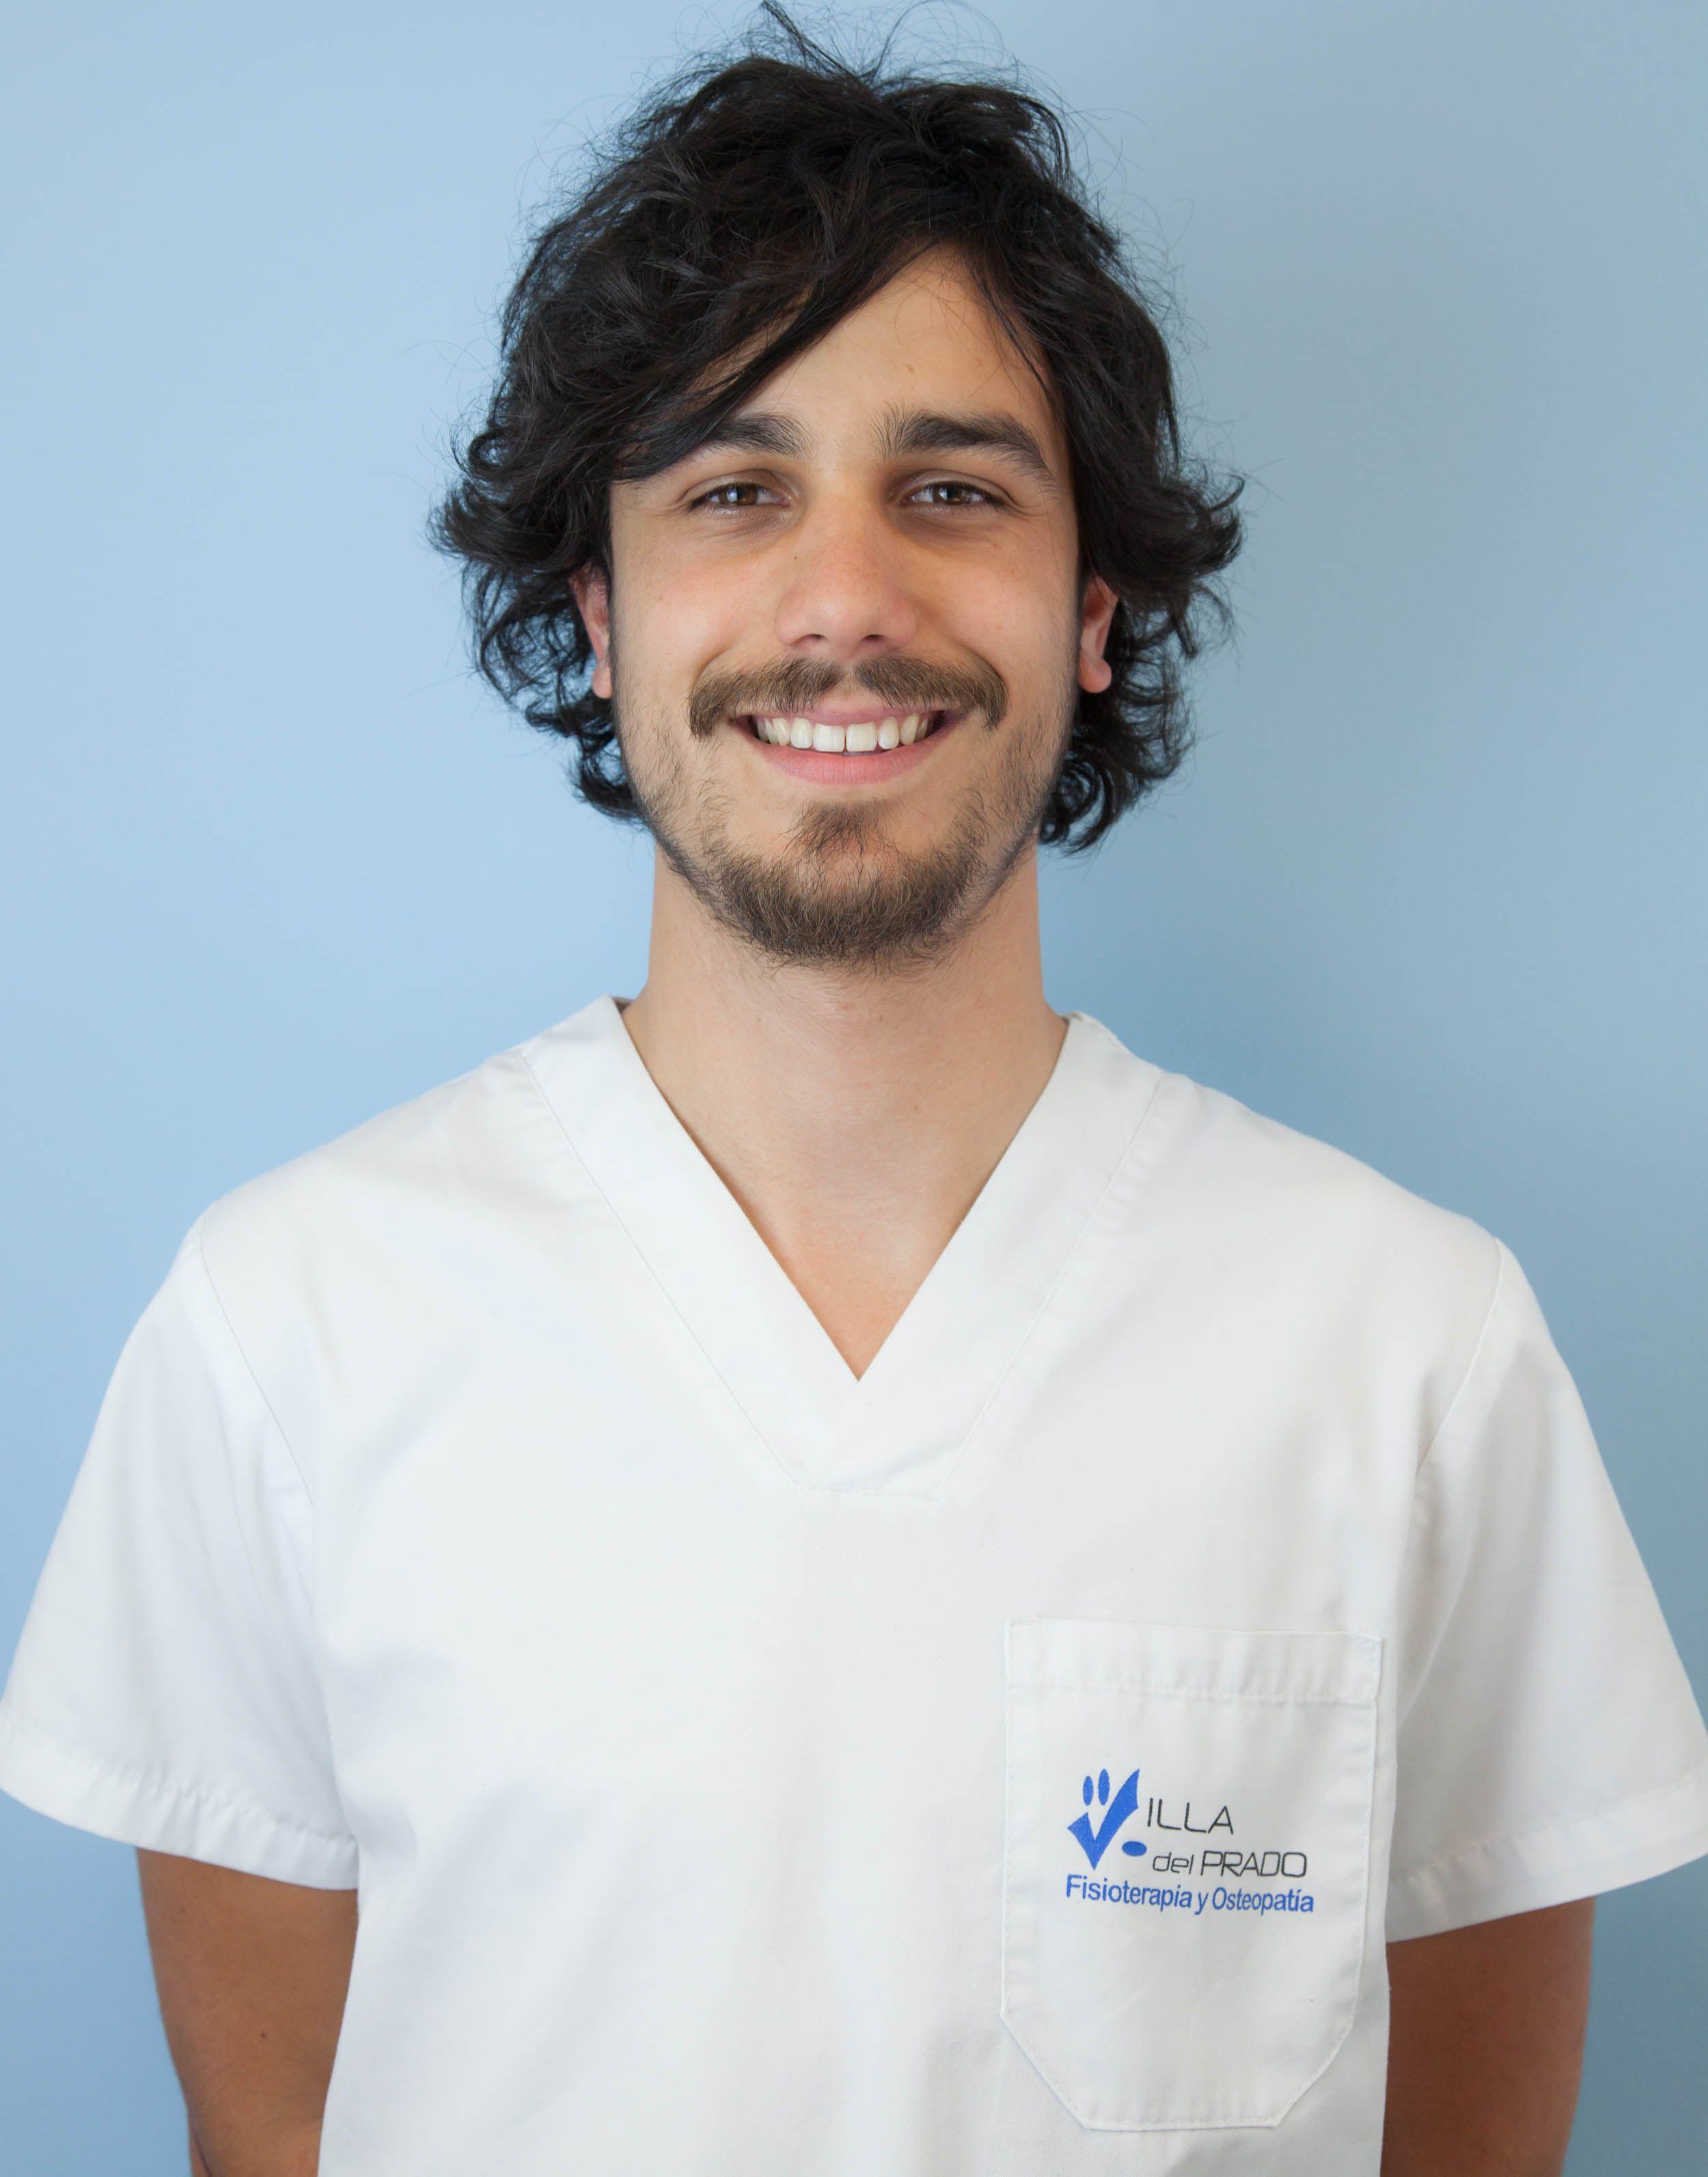 Luis Martínez fisioterapeuta especialista en OMT